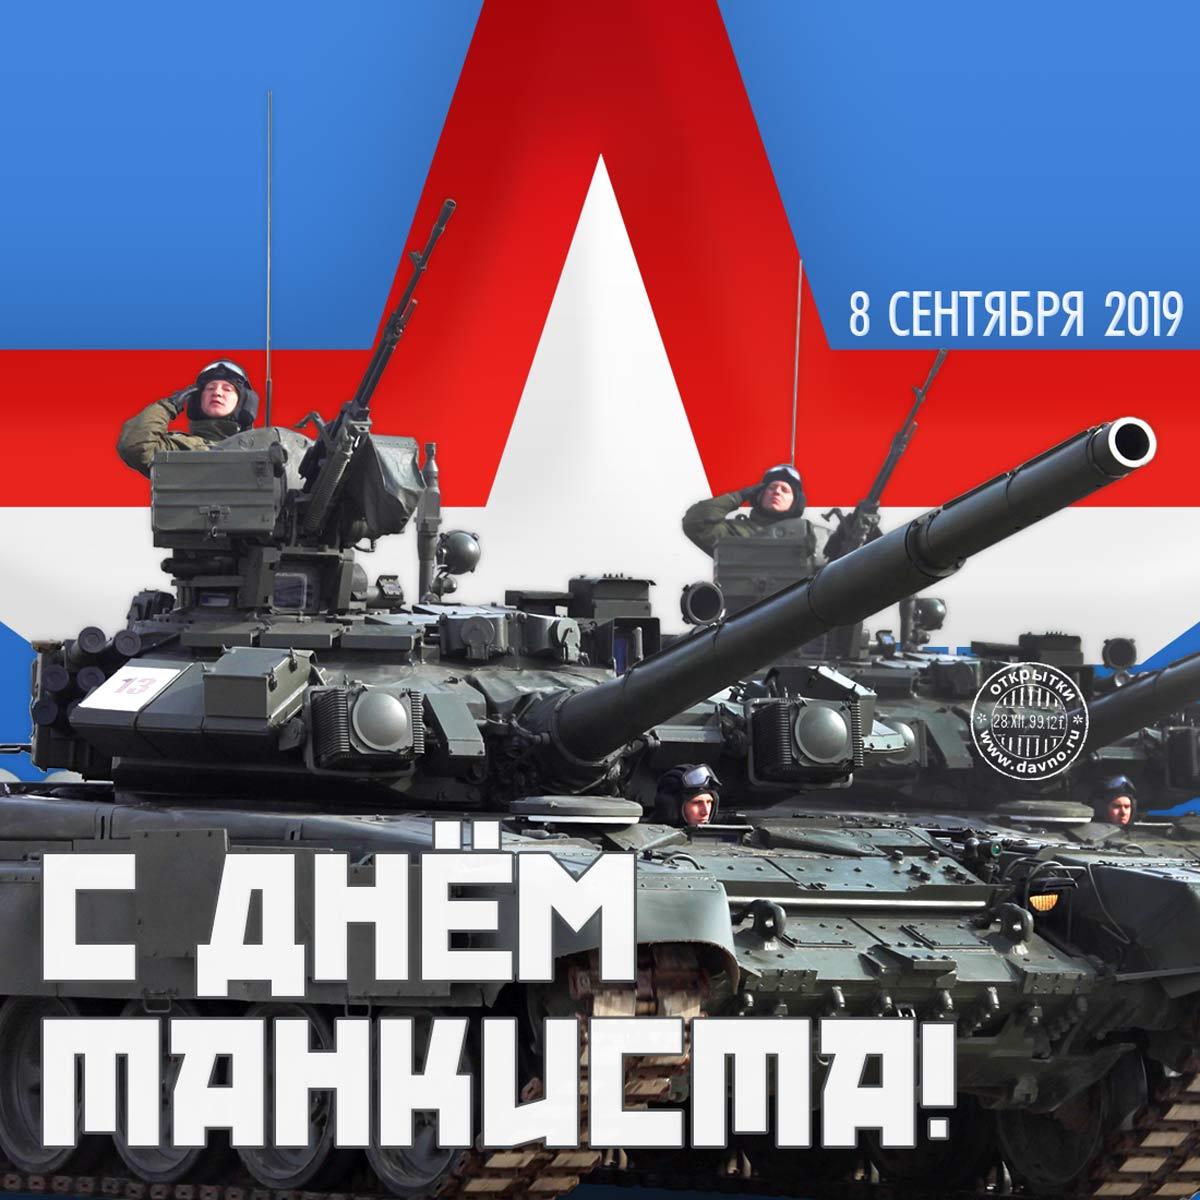 картинки с праздником танкиста 9 сентября модели